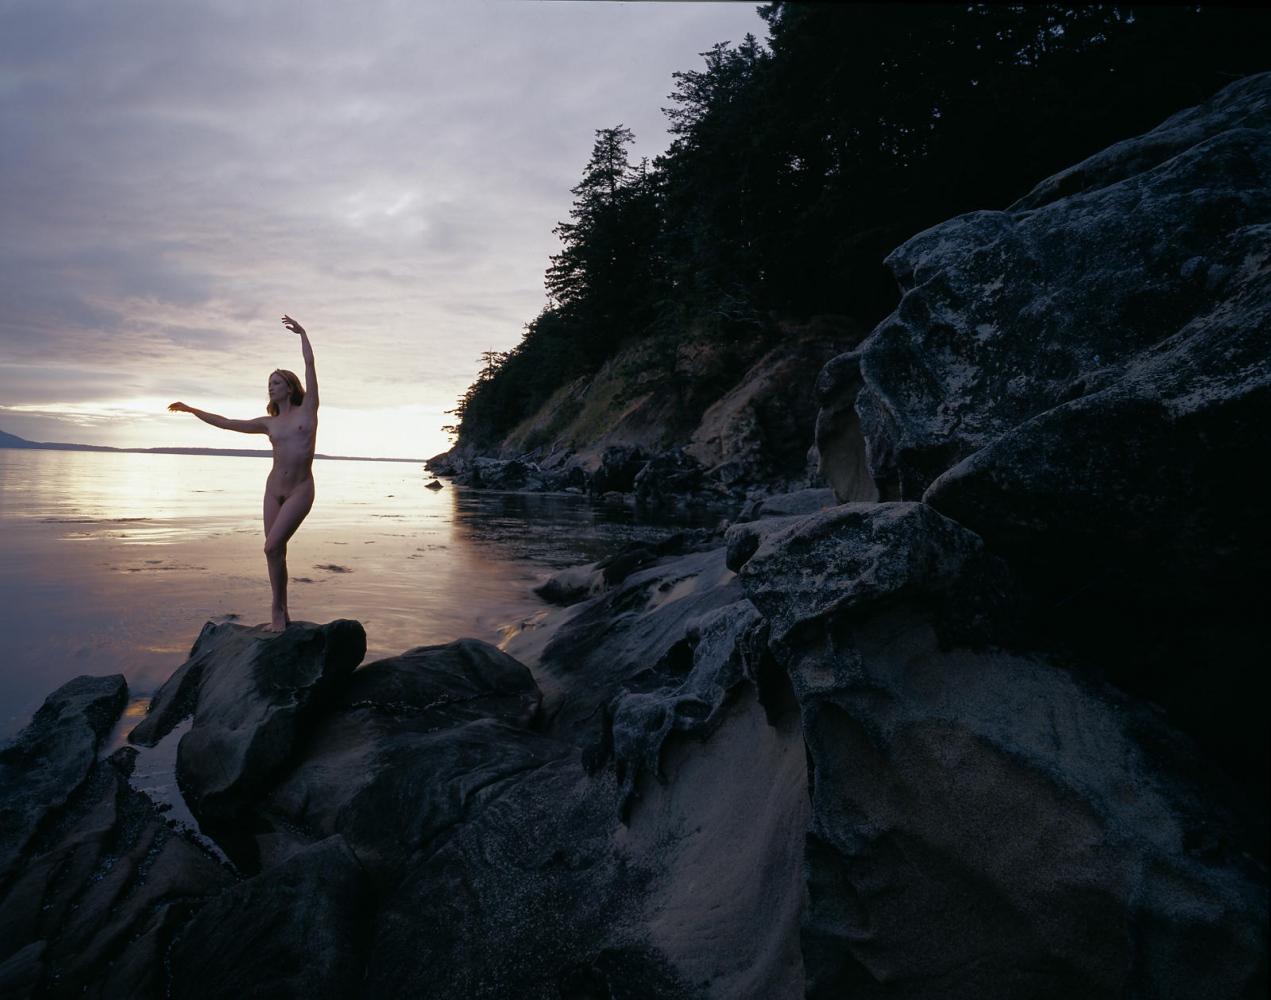 Art and Documentary Photography - Loading Stephanie-Clayton-Beach-2-edit_DxO_tablet.jpg